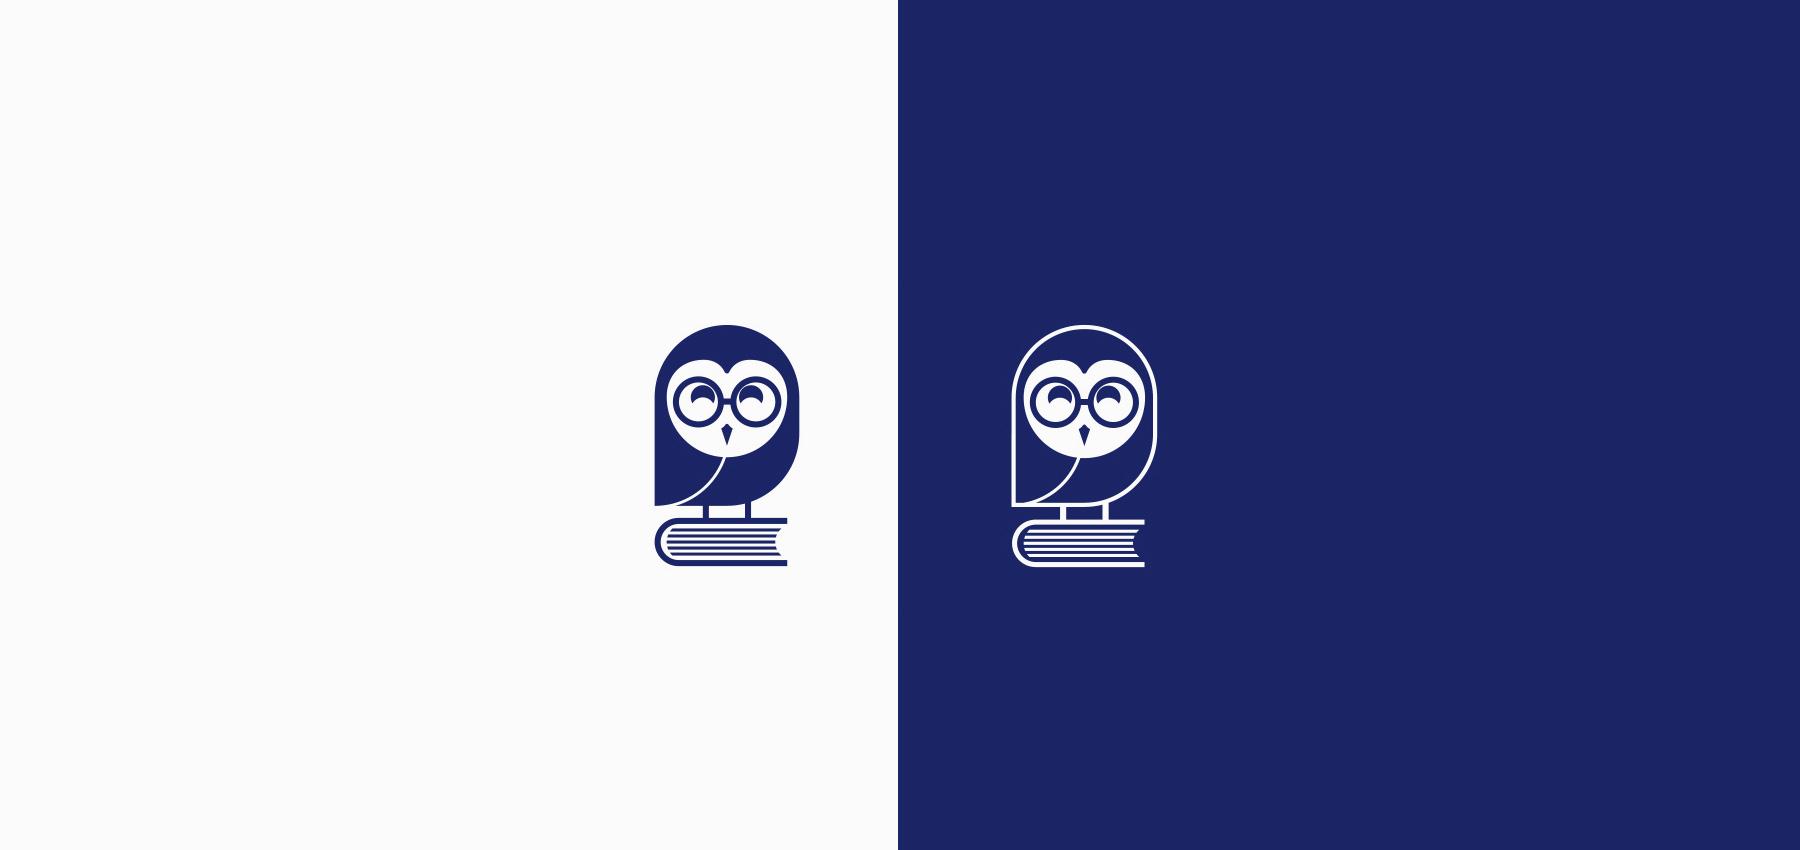 Como diseñar version negativa logo